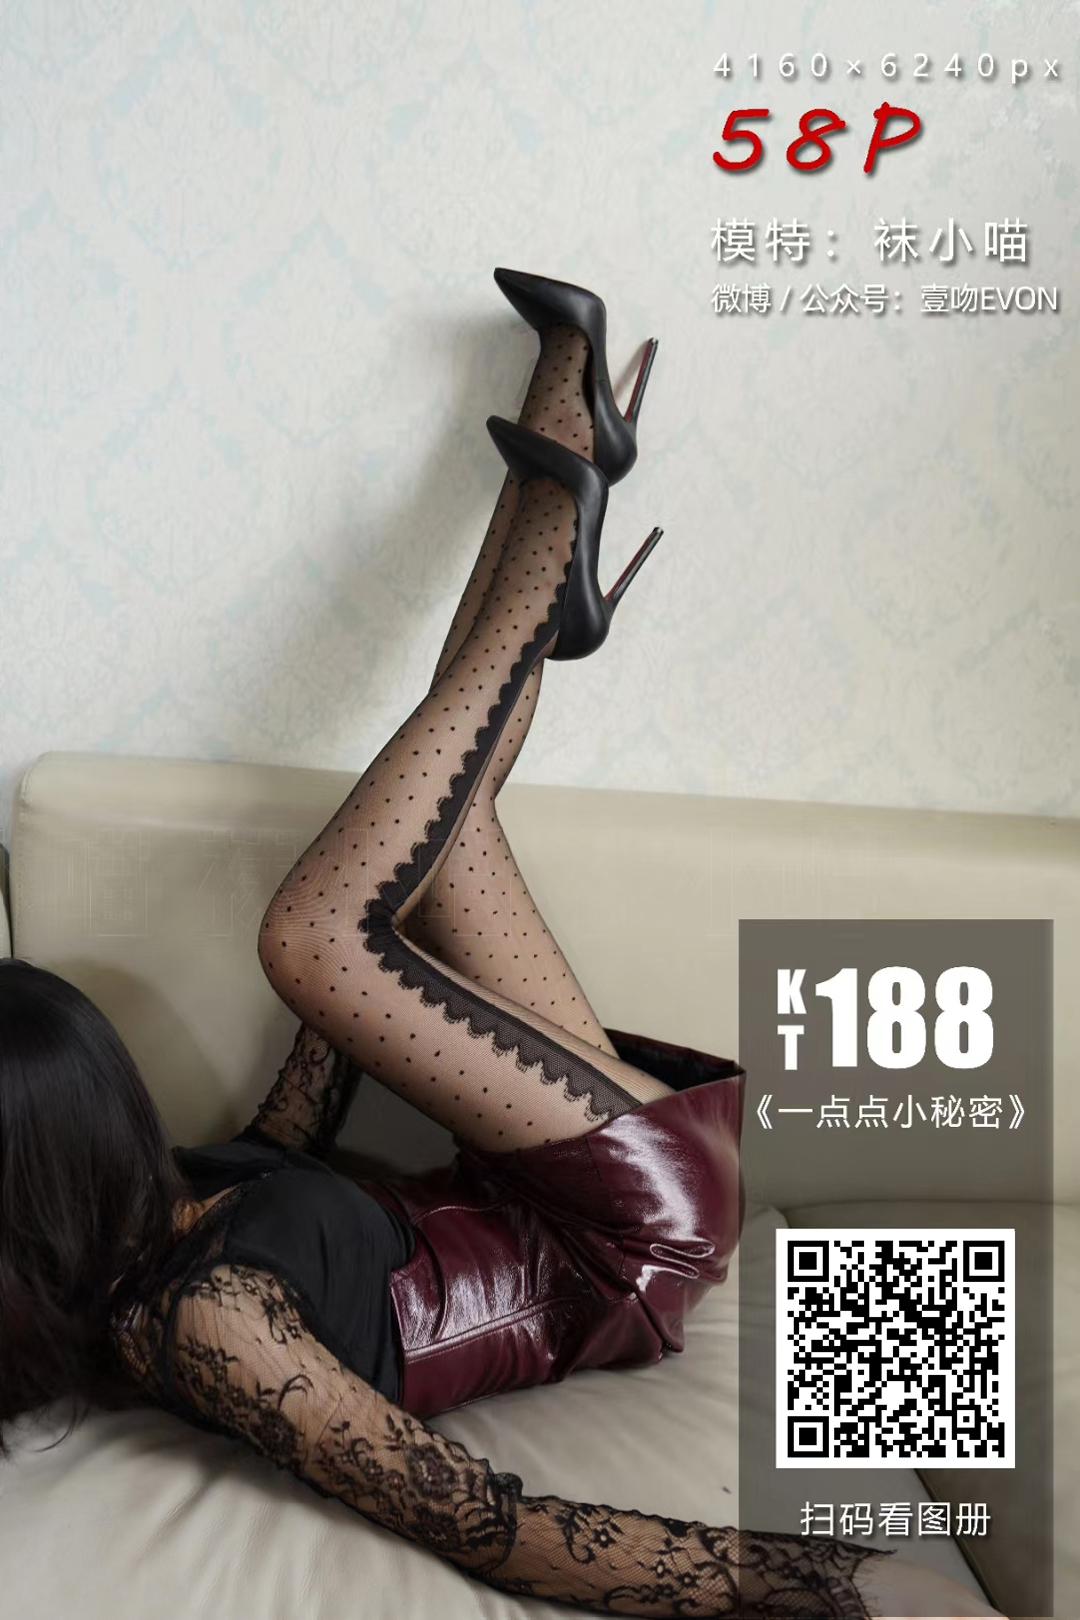 【Kitty Wawa襪小喵系列】2020.06.10 KT188 《一點點小秘密》【60P】 - 貼圖 - 絲襪美腿 -